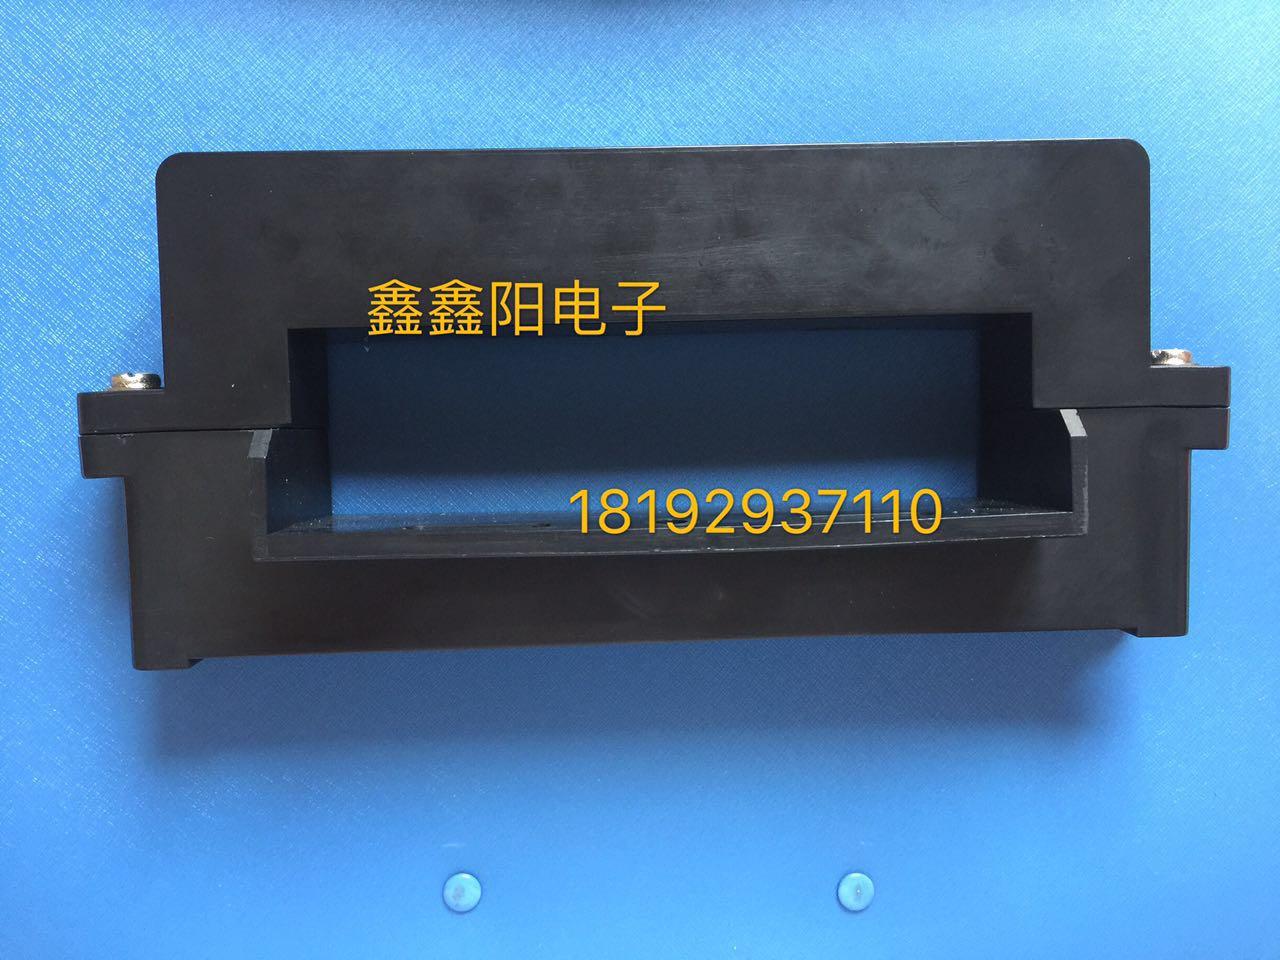 واحد من امدادات الطاقة الجهد الناتج 12V24v 100A-20000A 0-5v قاعة الاستشعار الحالية